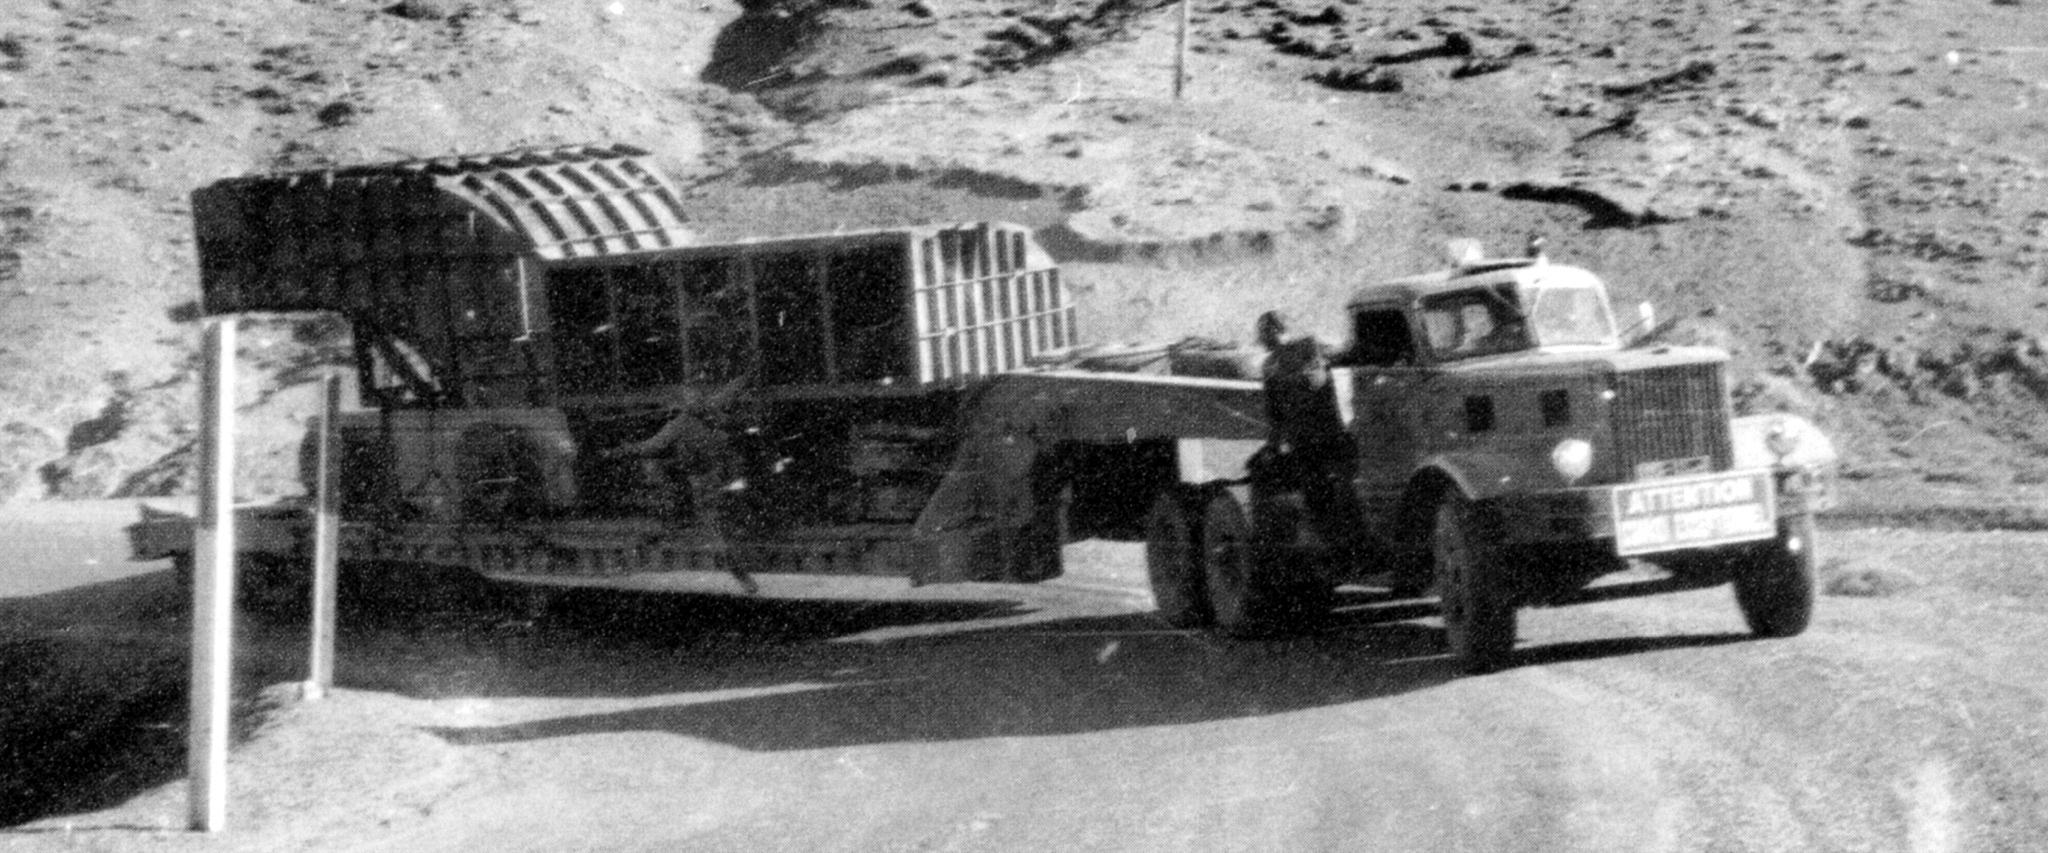 Transport Routier au Maroc - Histoire - Page 3 49911525092_8070169d12_o_d